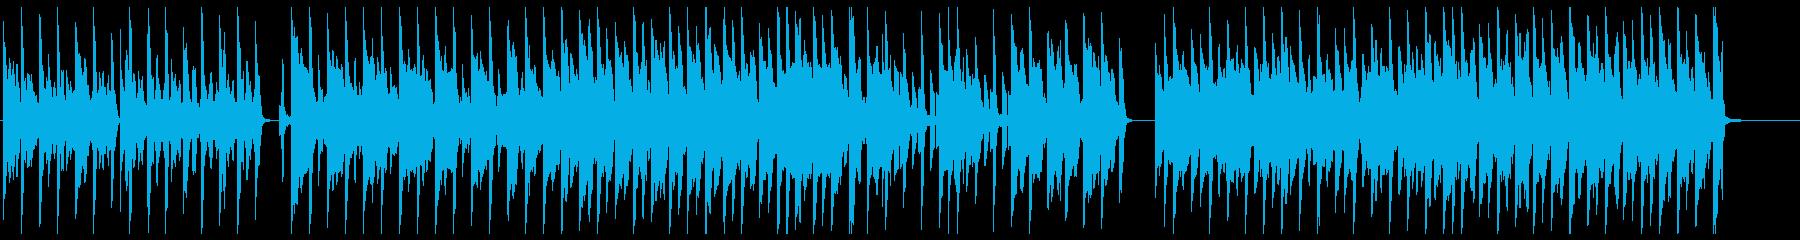 海外のCMやゲーム風の、のんびり系BGMの再生済みの波形